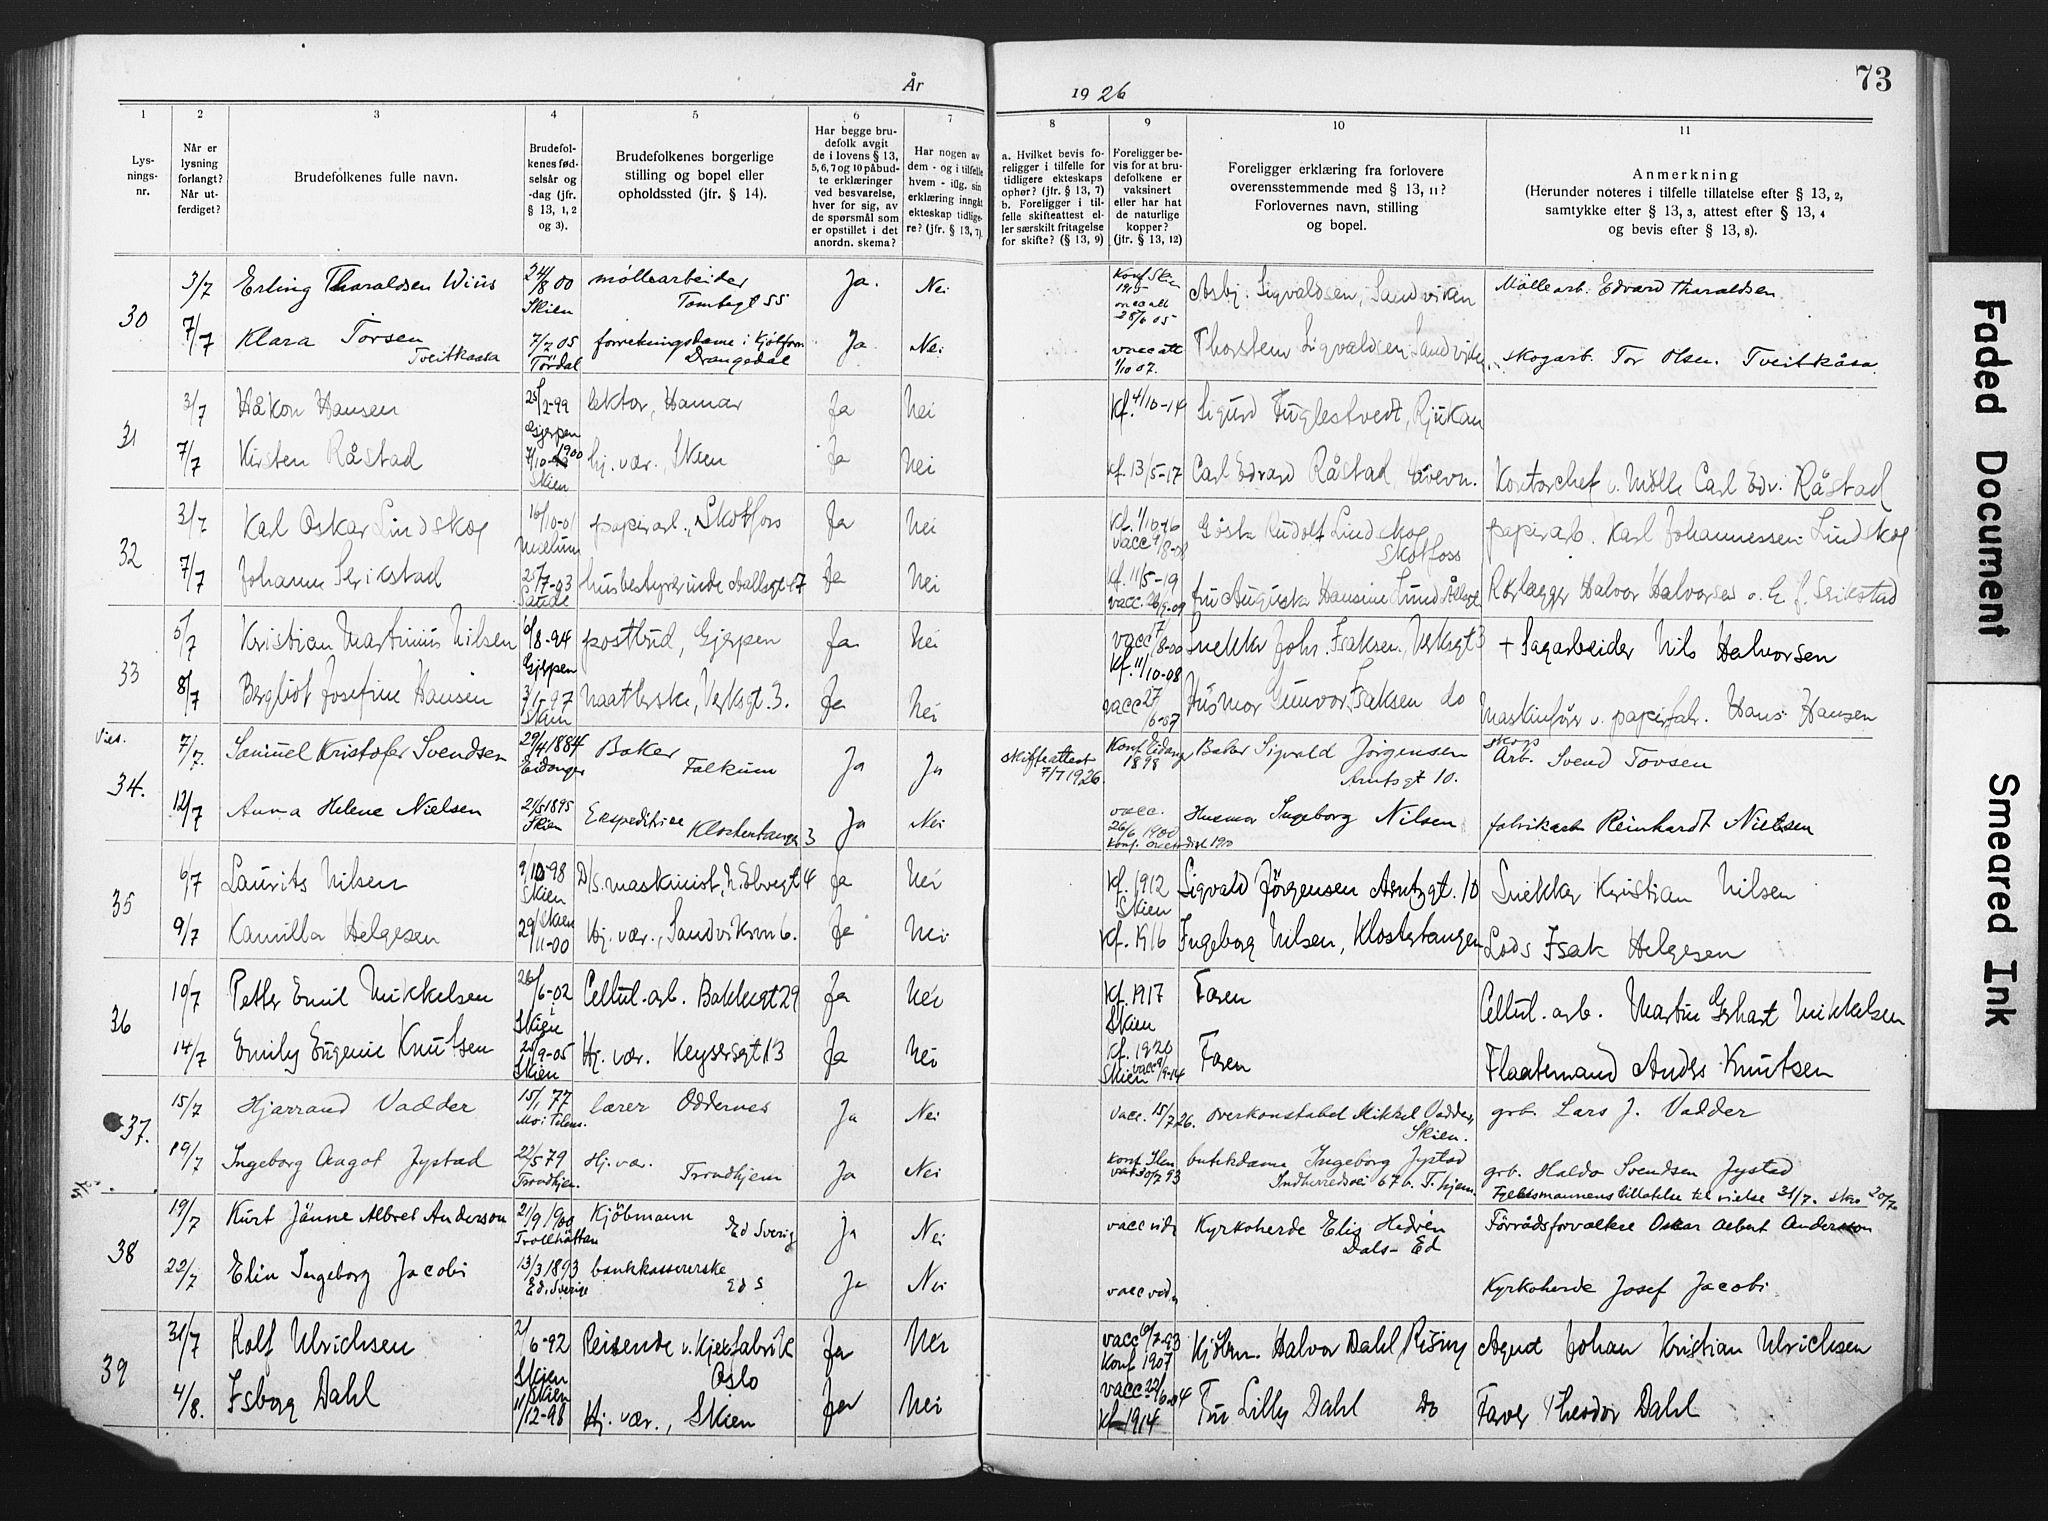 SAKO, Skien kirkebøker, H/Ha/L0001: Lysningsprotokoll nr. 1, 1919-1929, s. 73